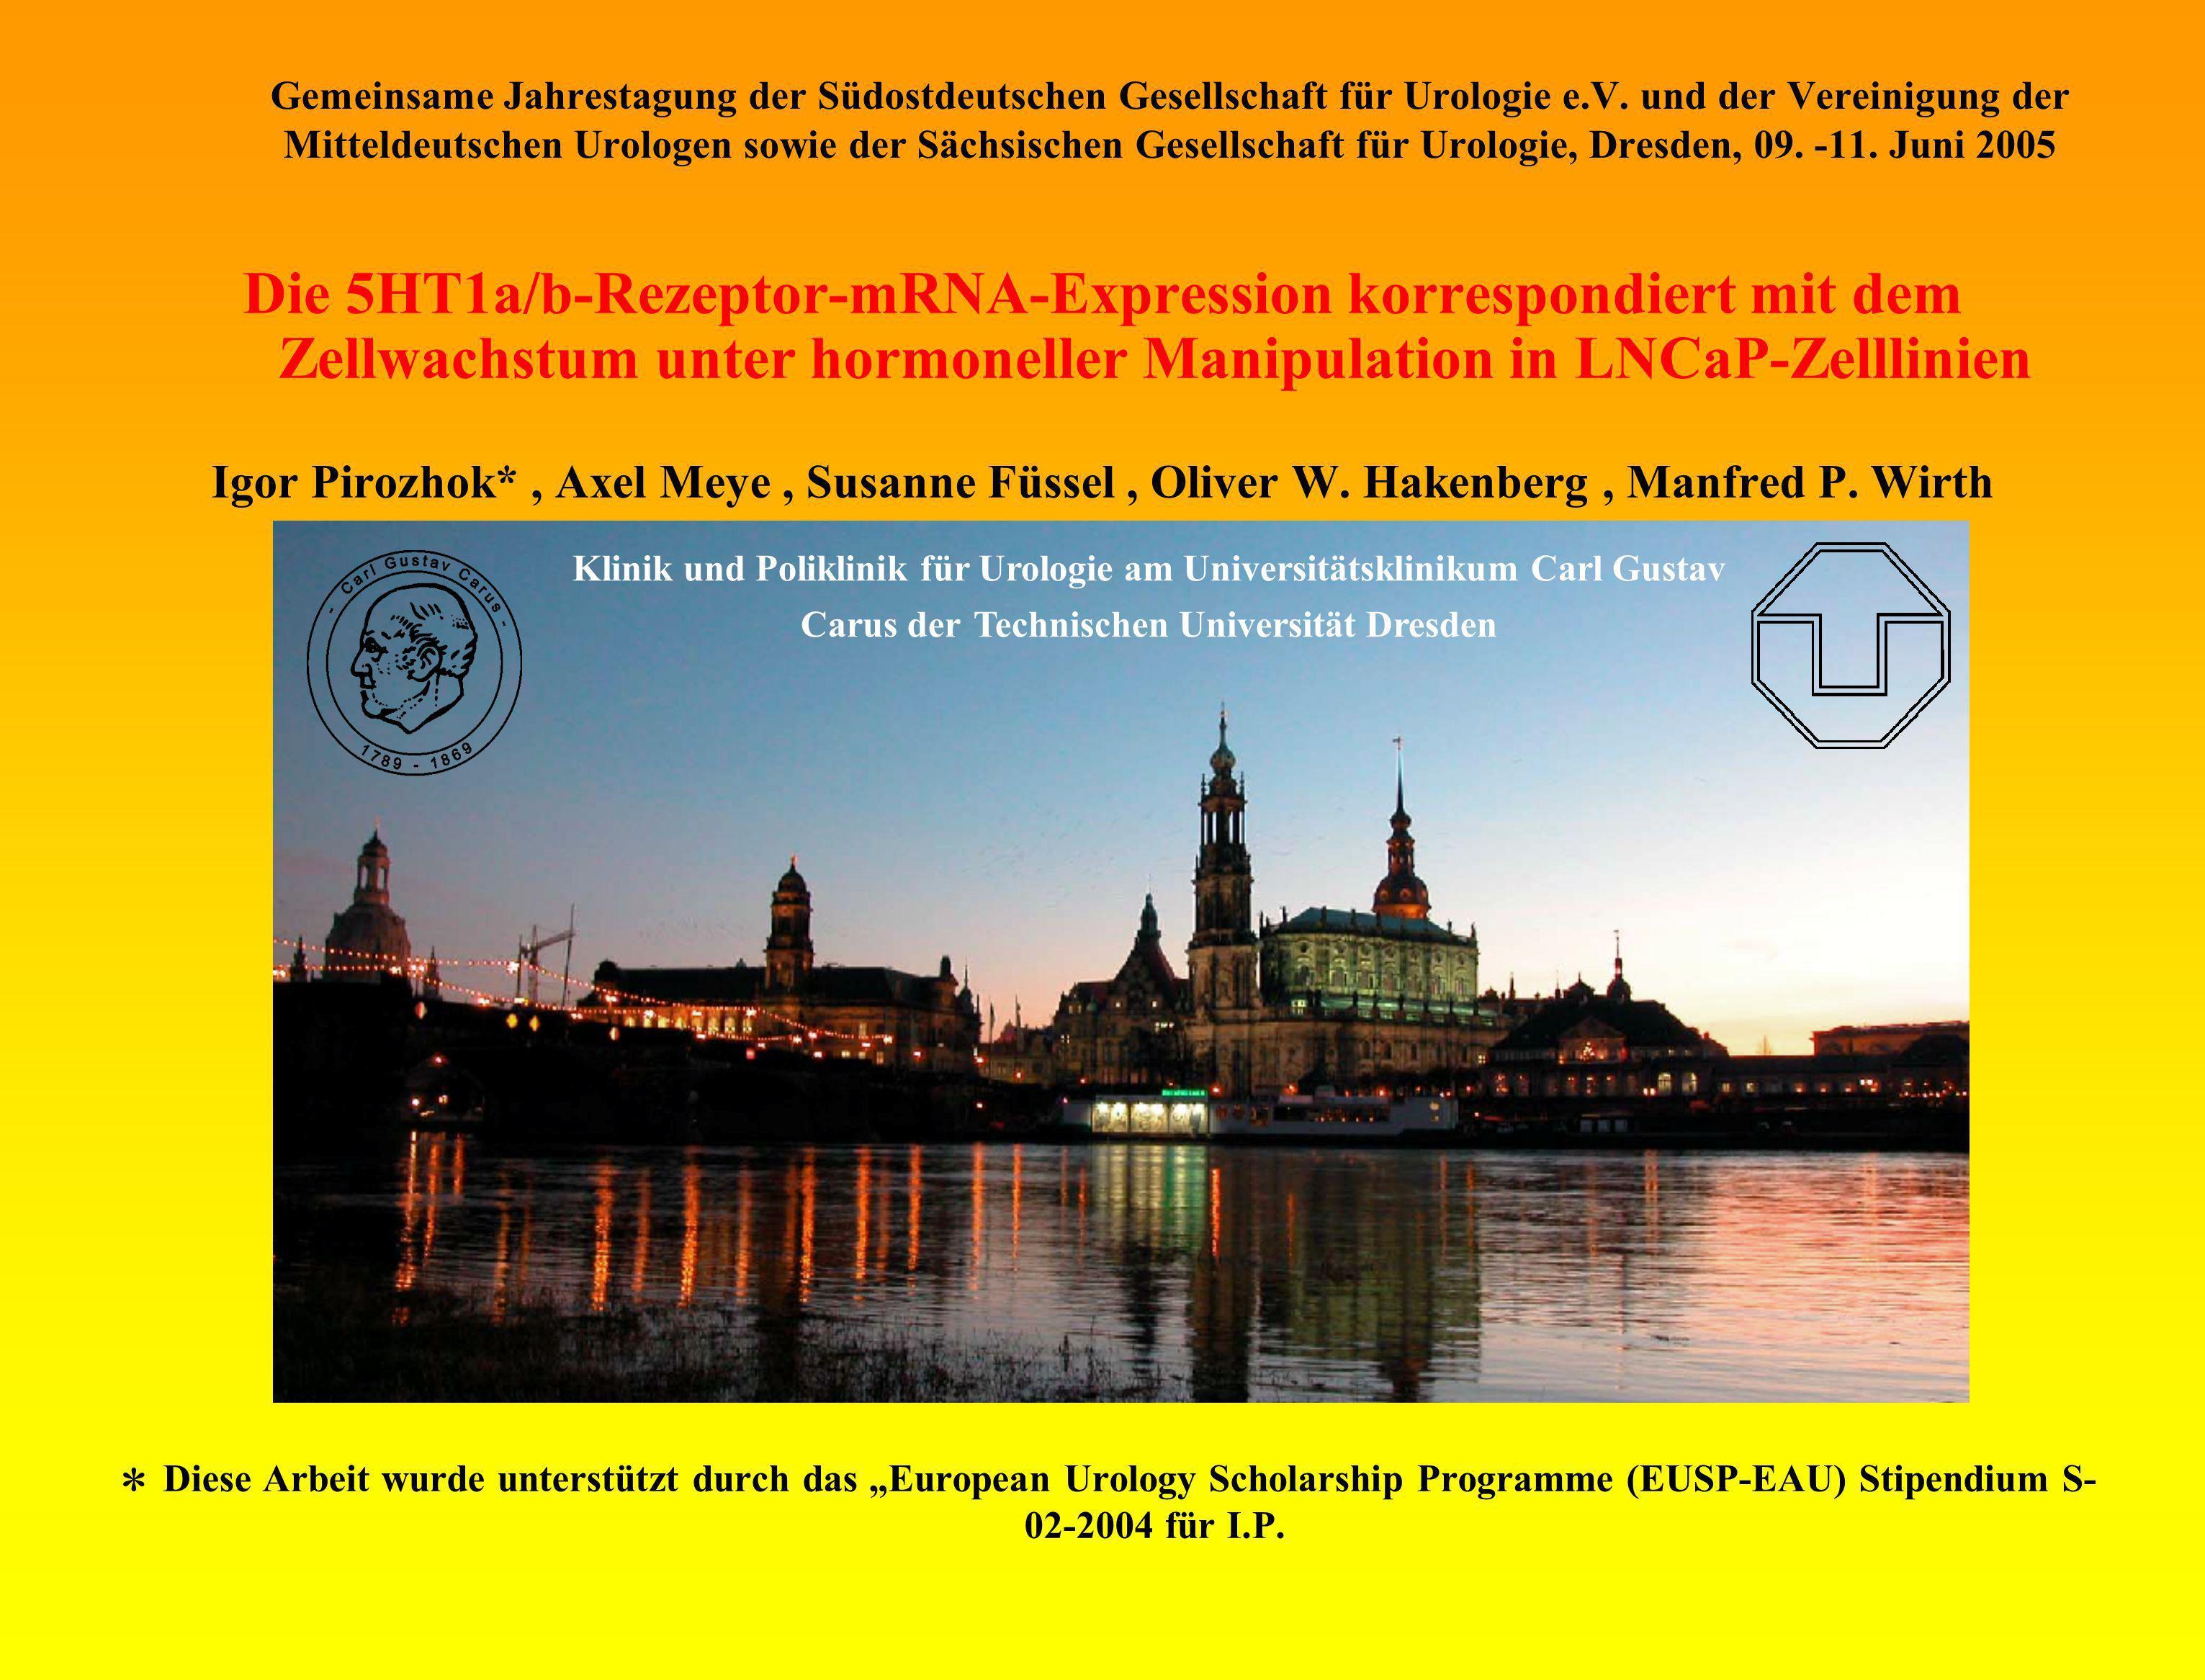 Gemeinsame Jahrestagung der Südostdeutschen Gesellschaft für Urologie e.V. und der Vereinigung der Mitteldeutschen Urologen sowie der Sächsischen Gese